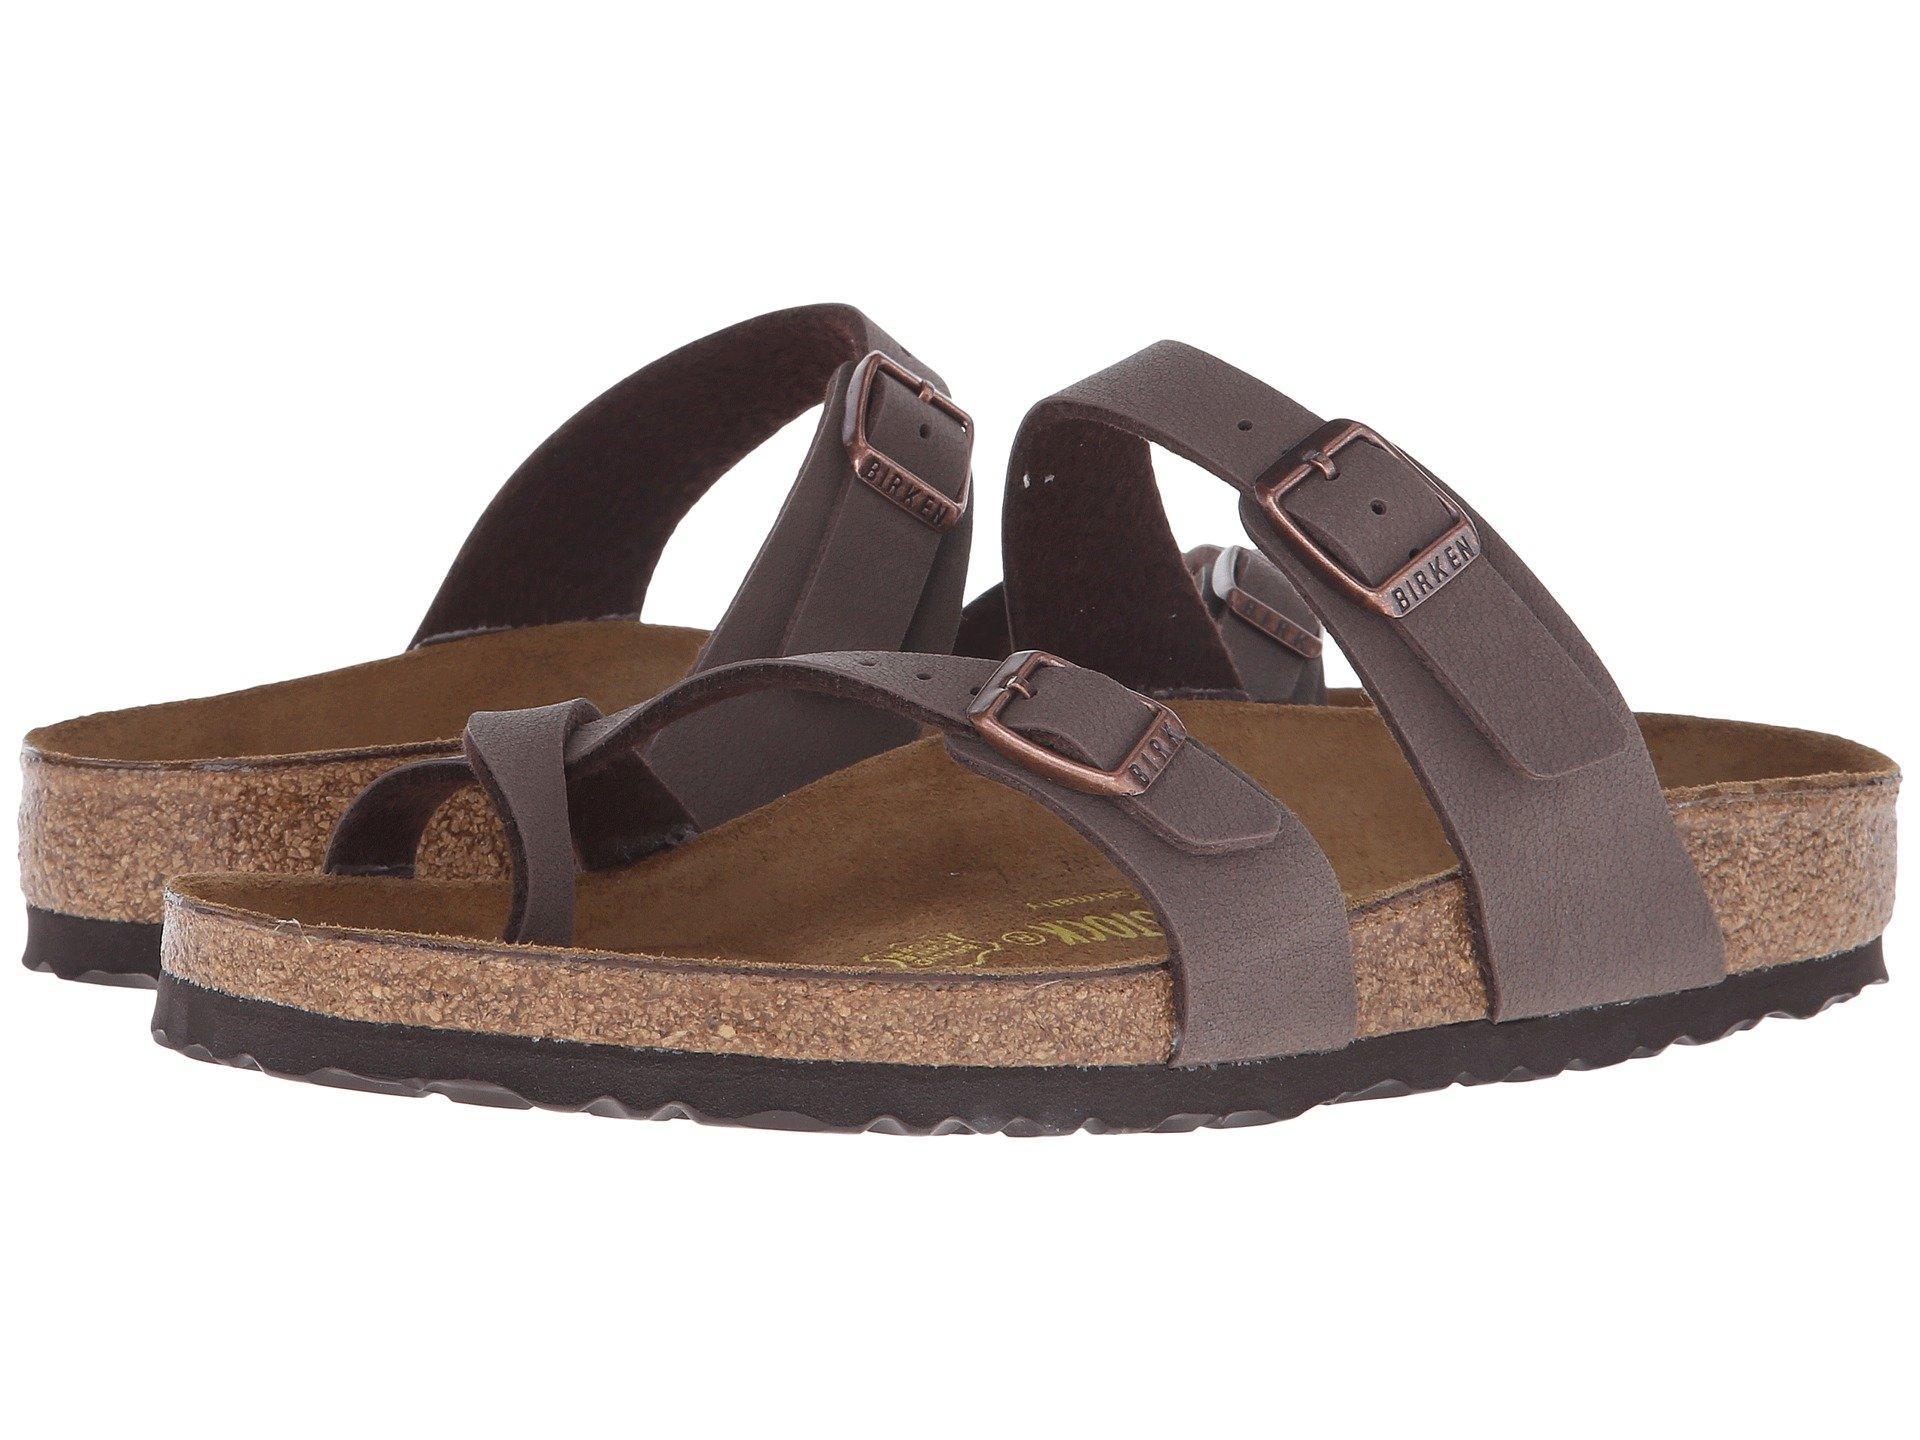 Shoes Shipped Free Zappos Com